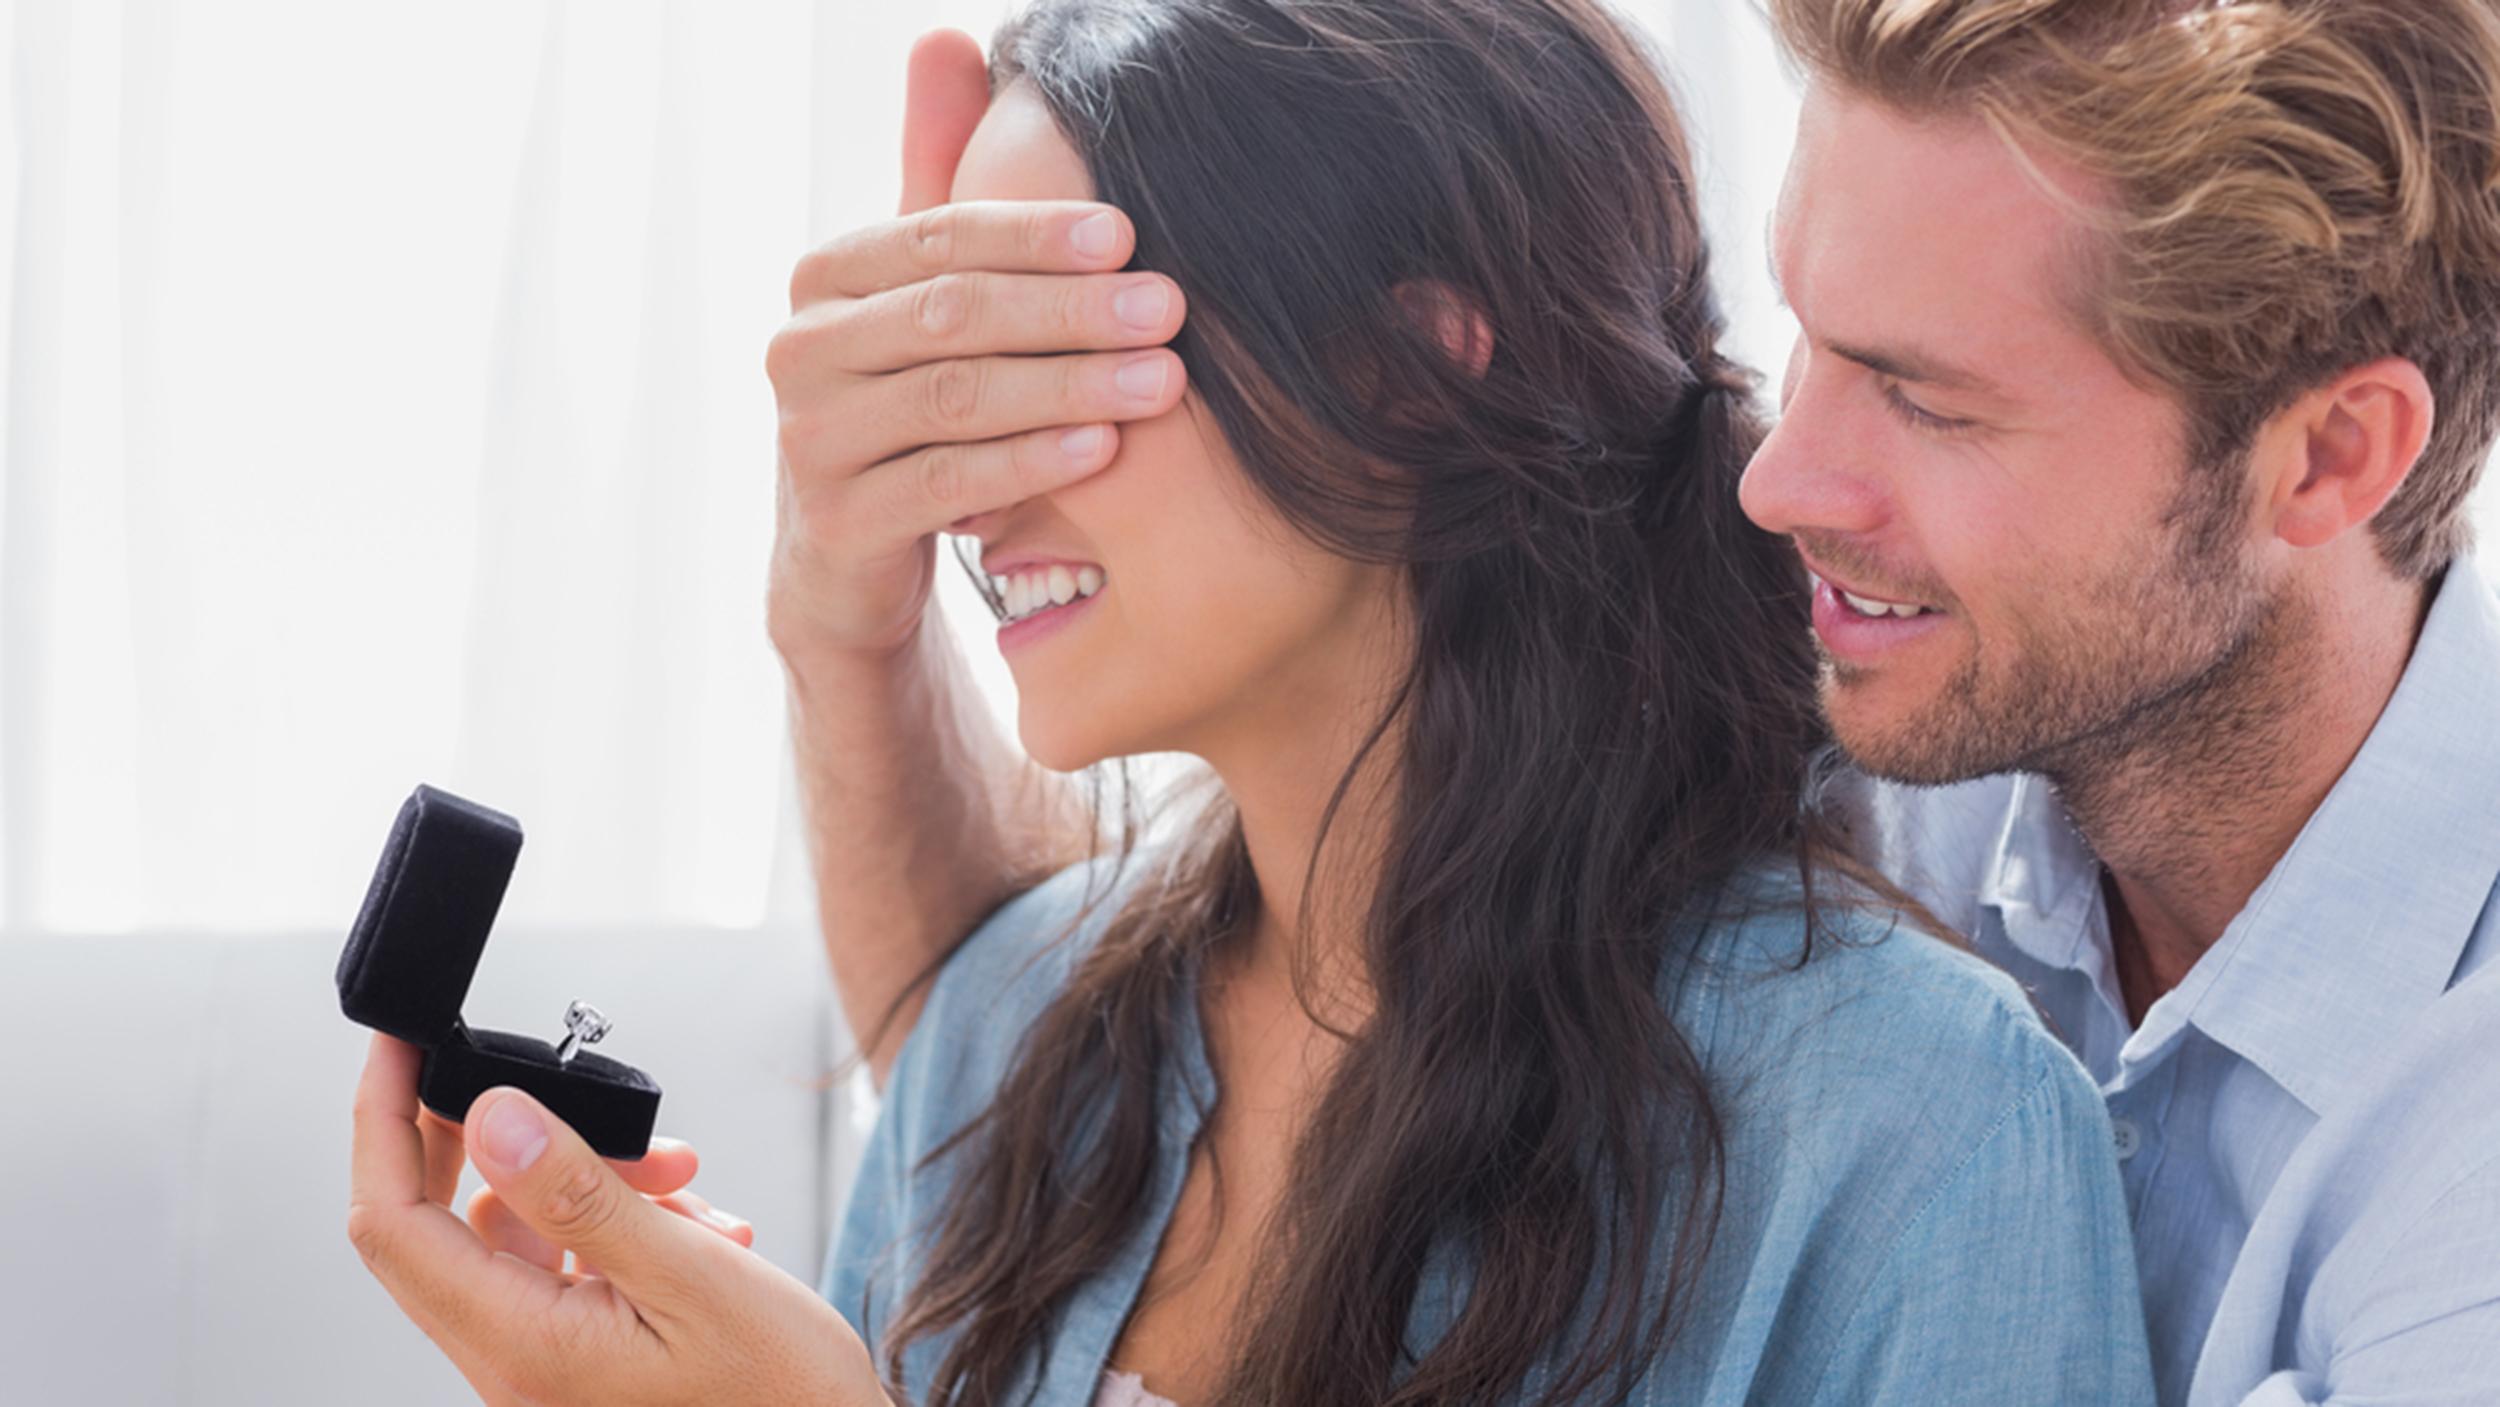 Ingin Tampil Romantis? Berikan Hadiah Perhiasan Pada Pasangan Anda Pada 5 Momen Berikut Ini